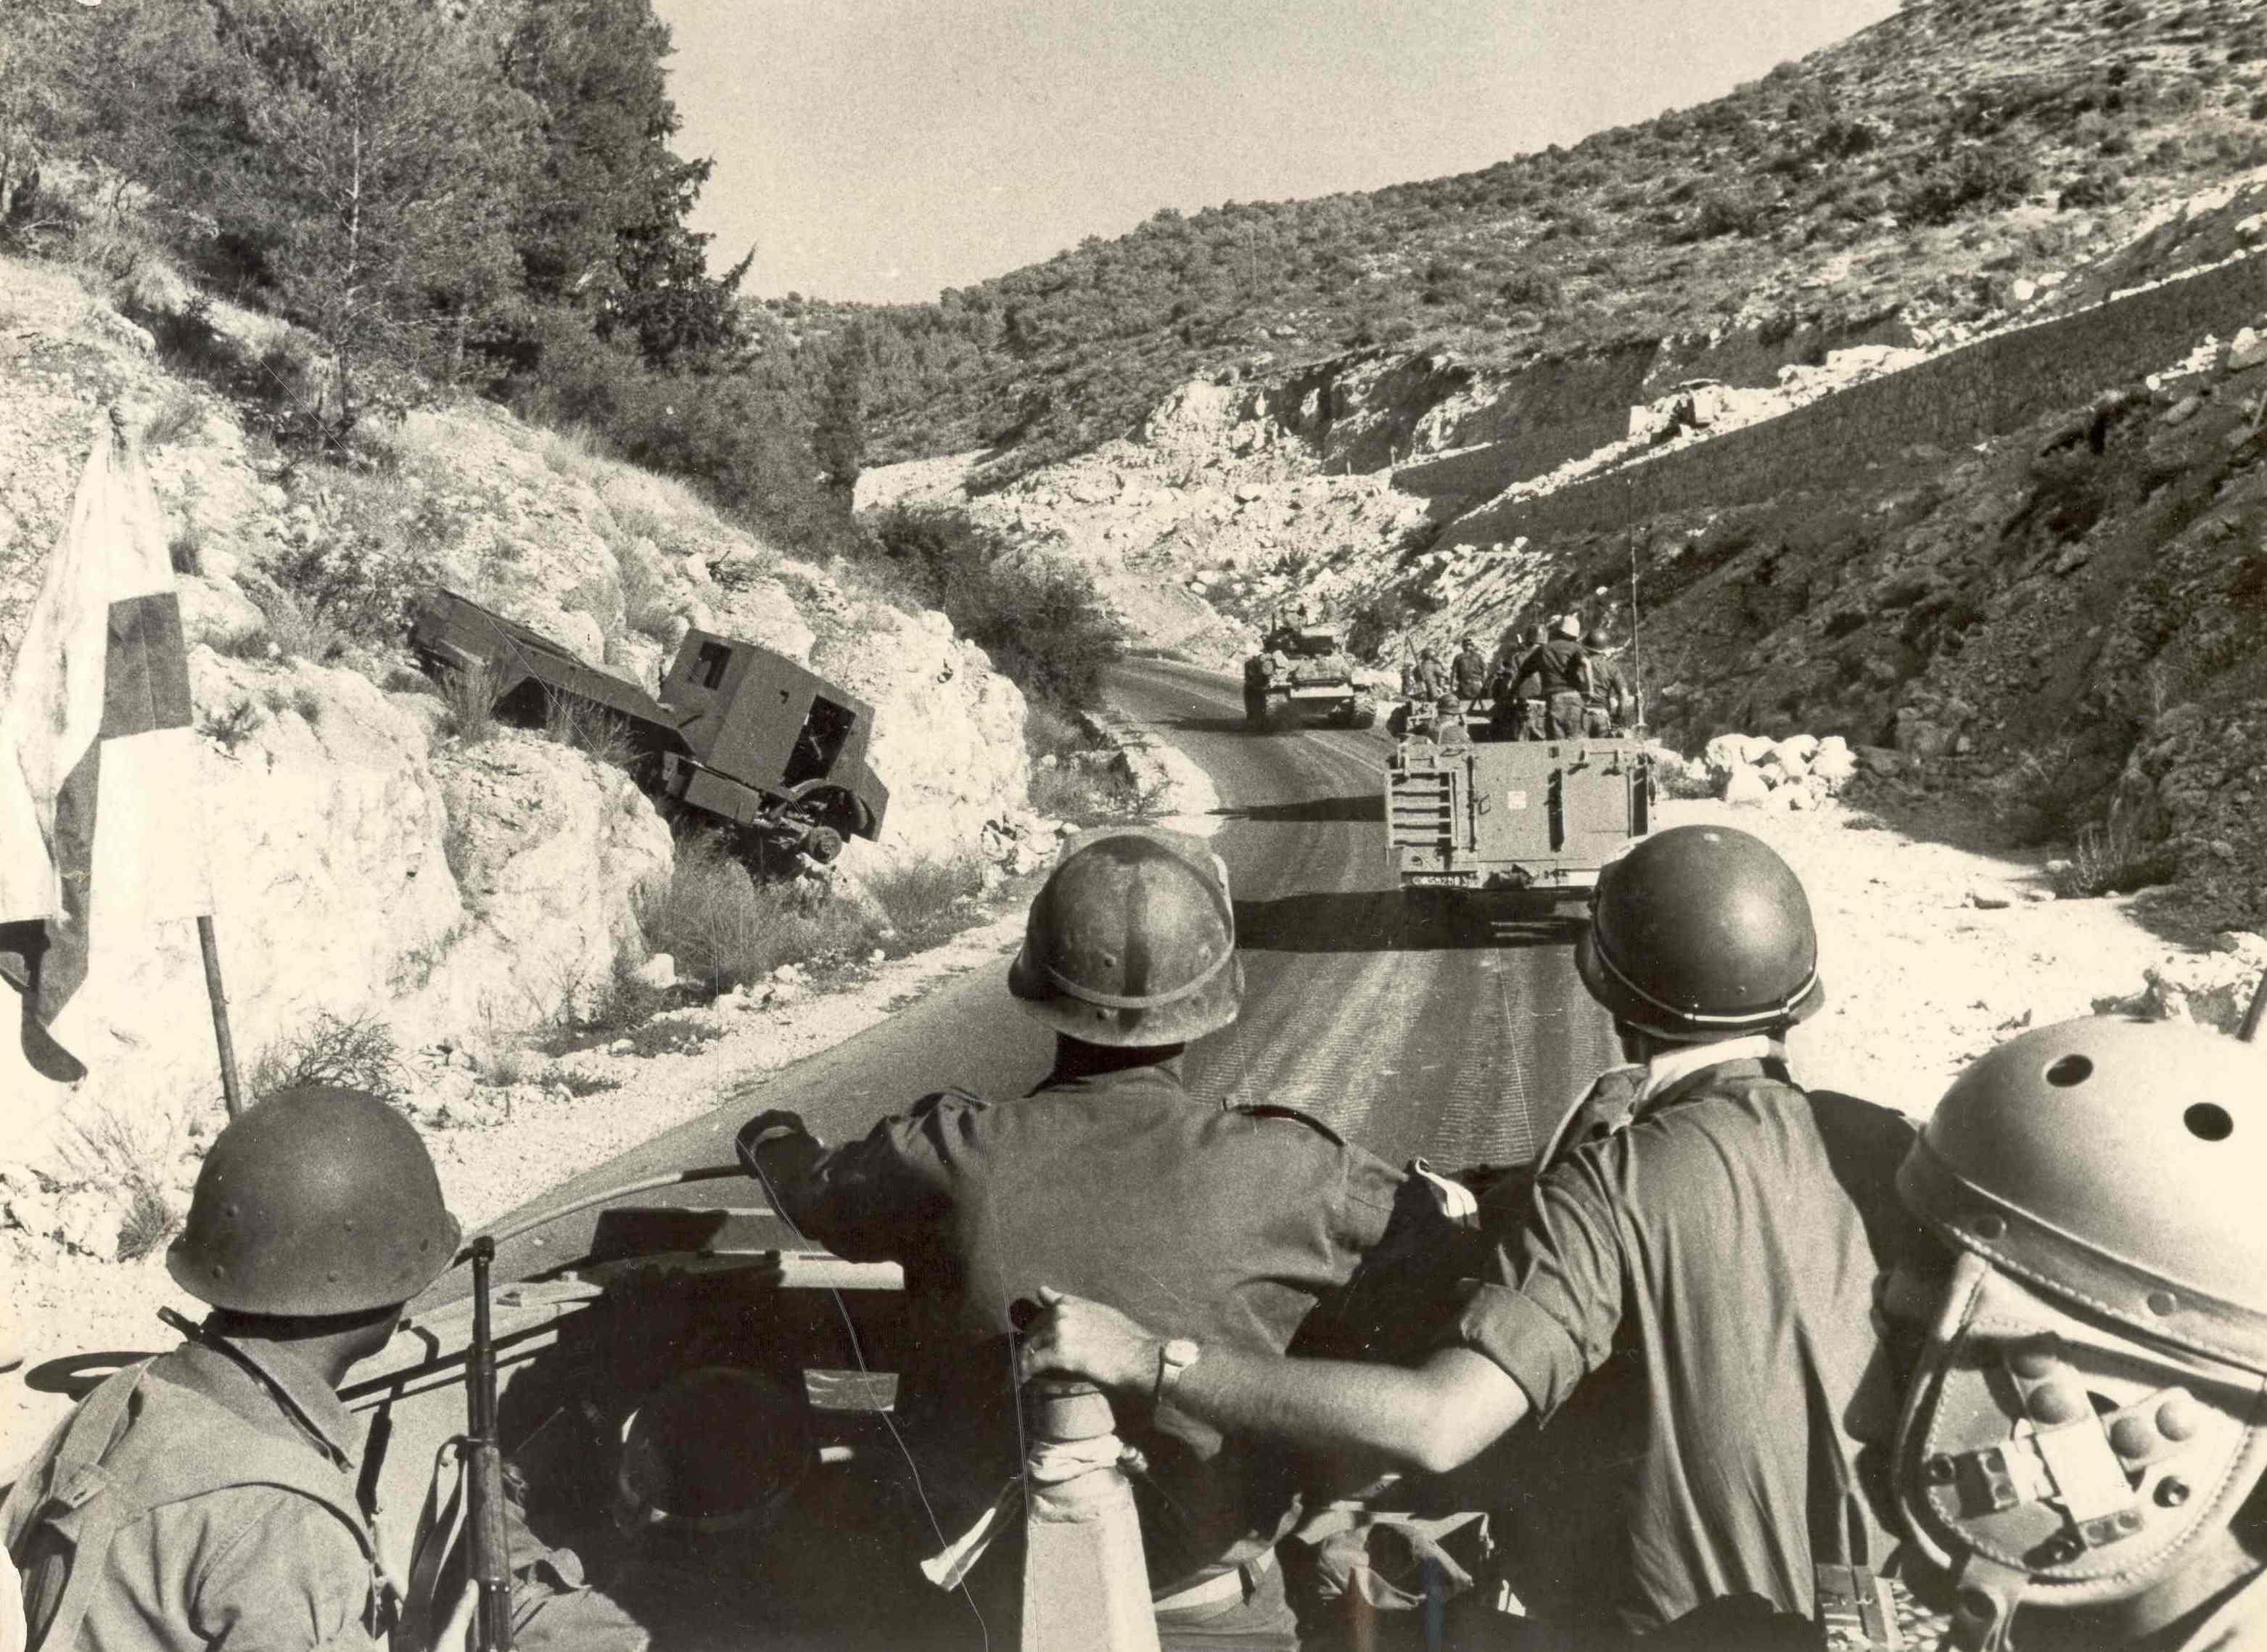 שריון בשער הגיא במלחמת ששת הימים